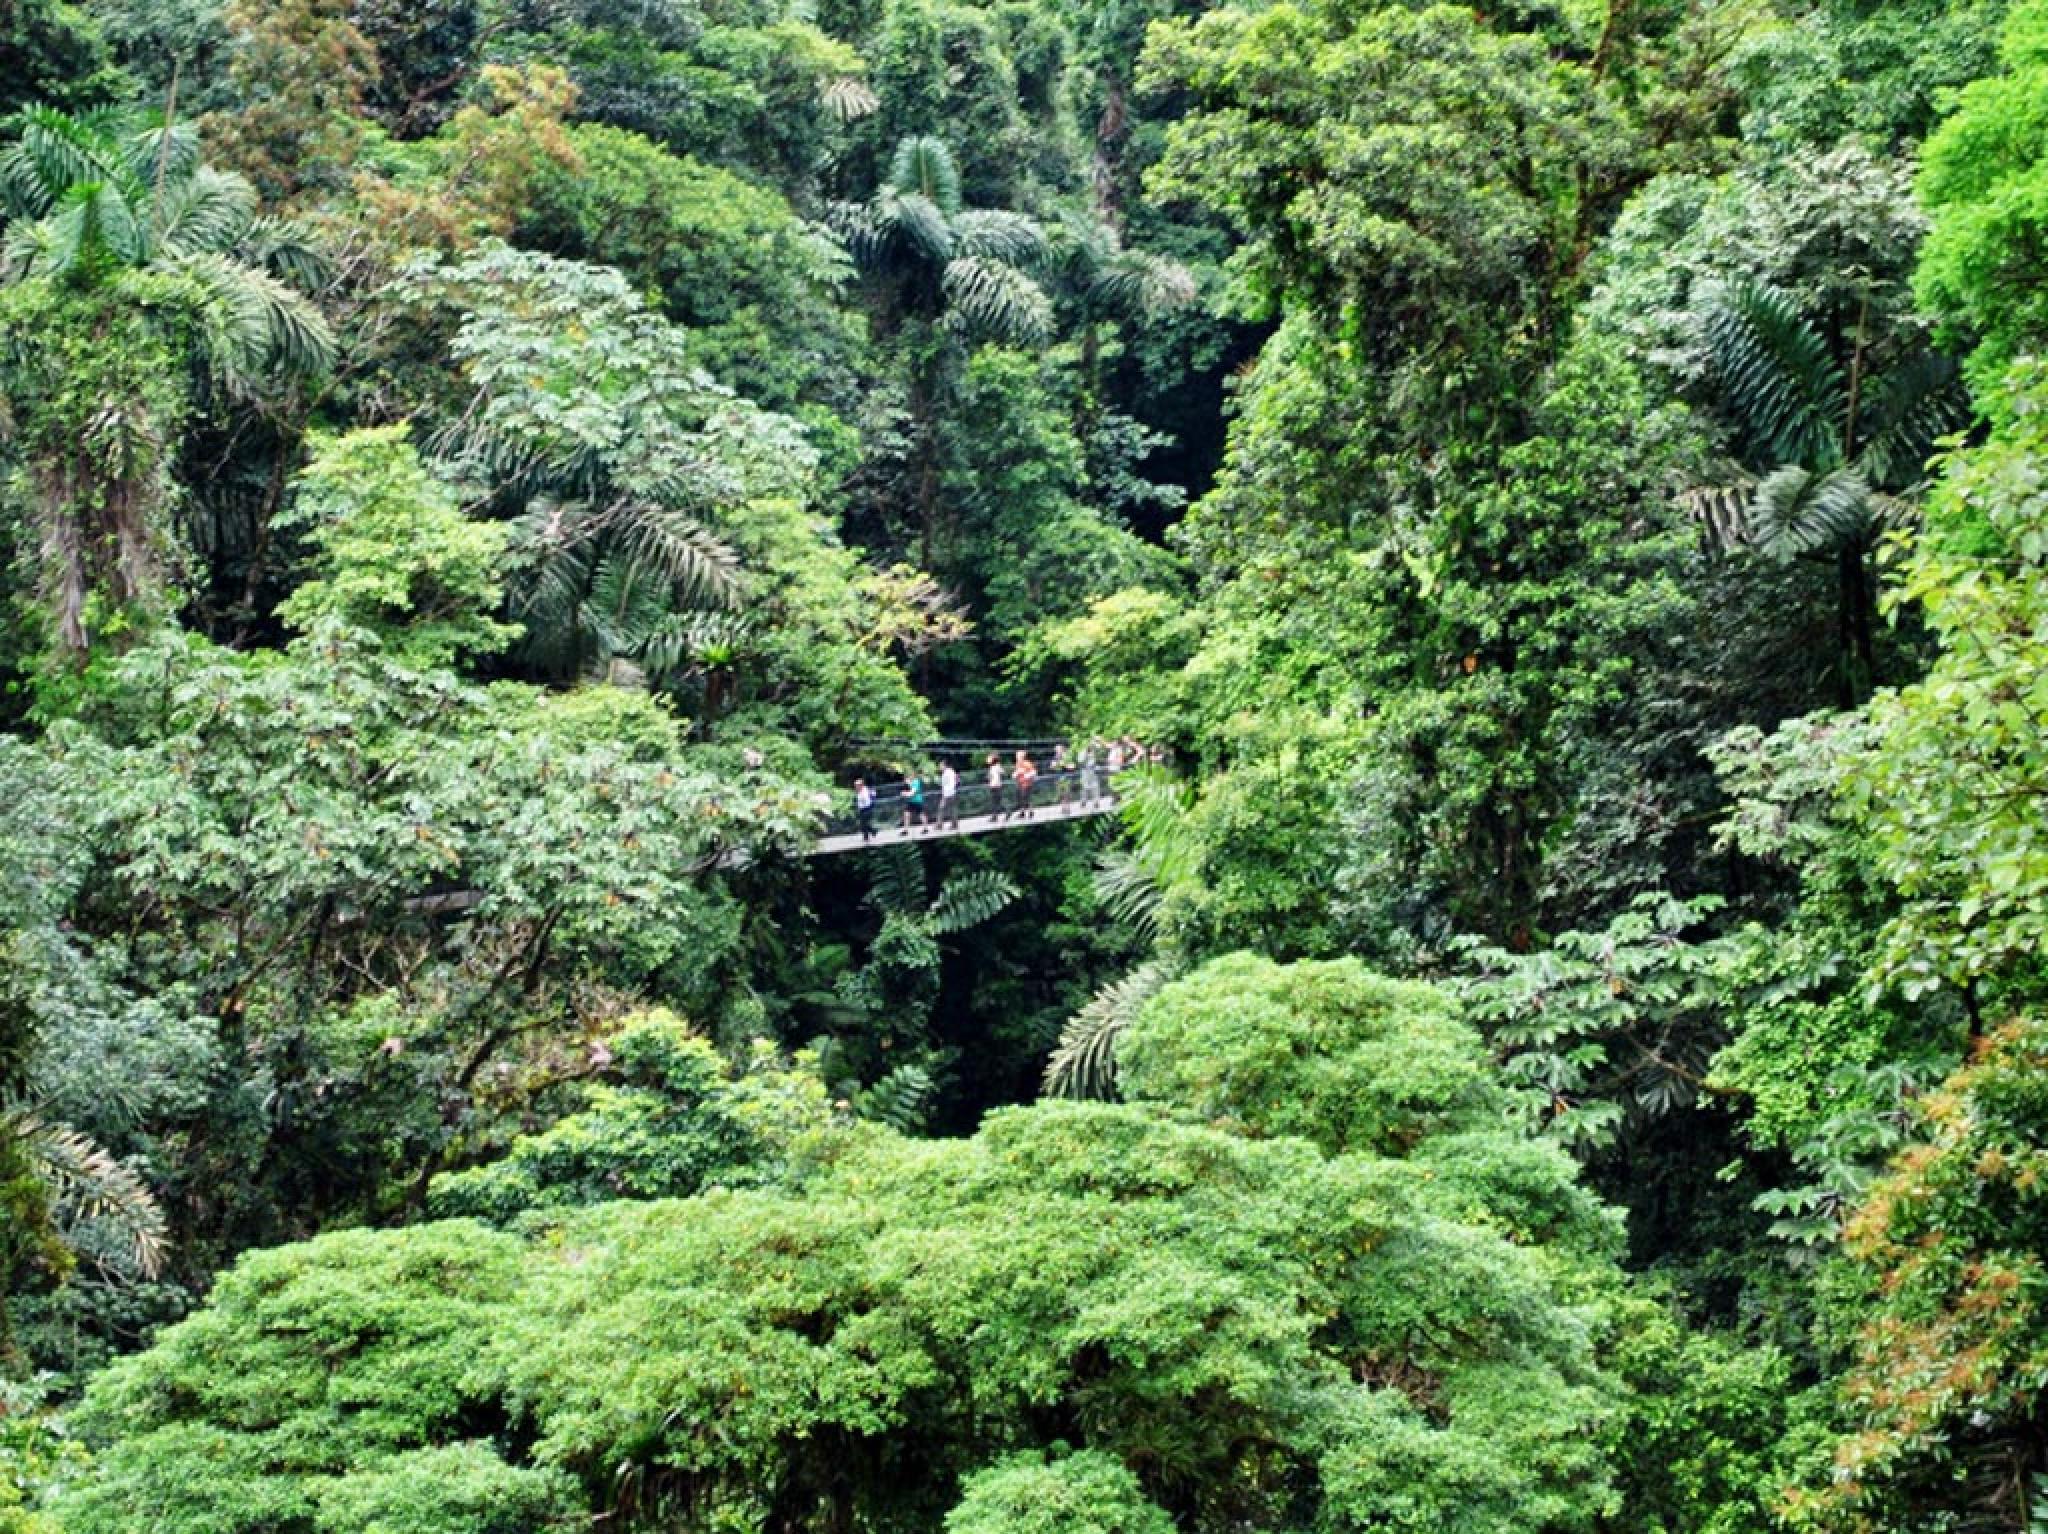 Arenal 4 in 1 Hanging Bridges & Baldi Hot Springs